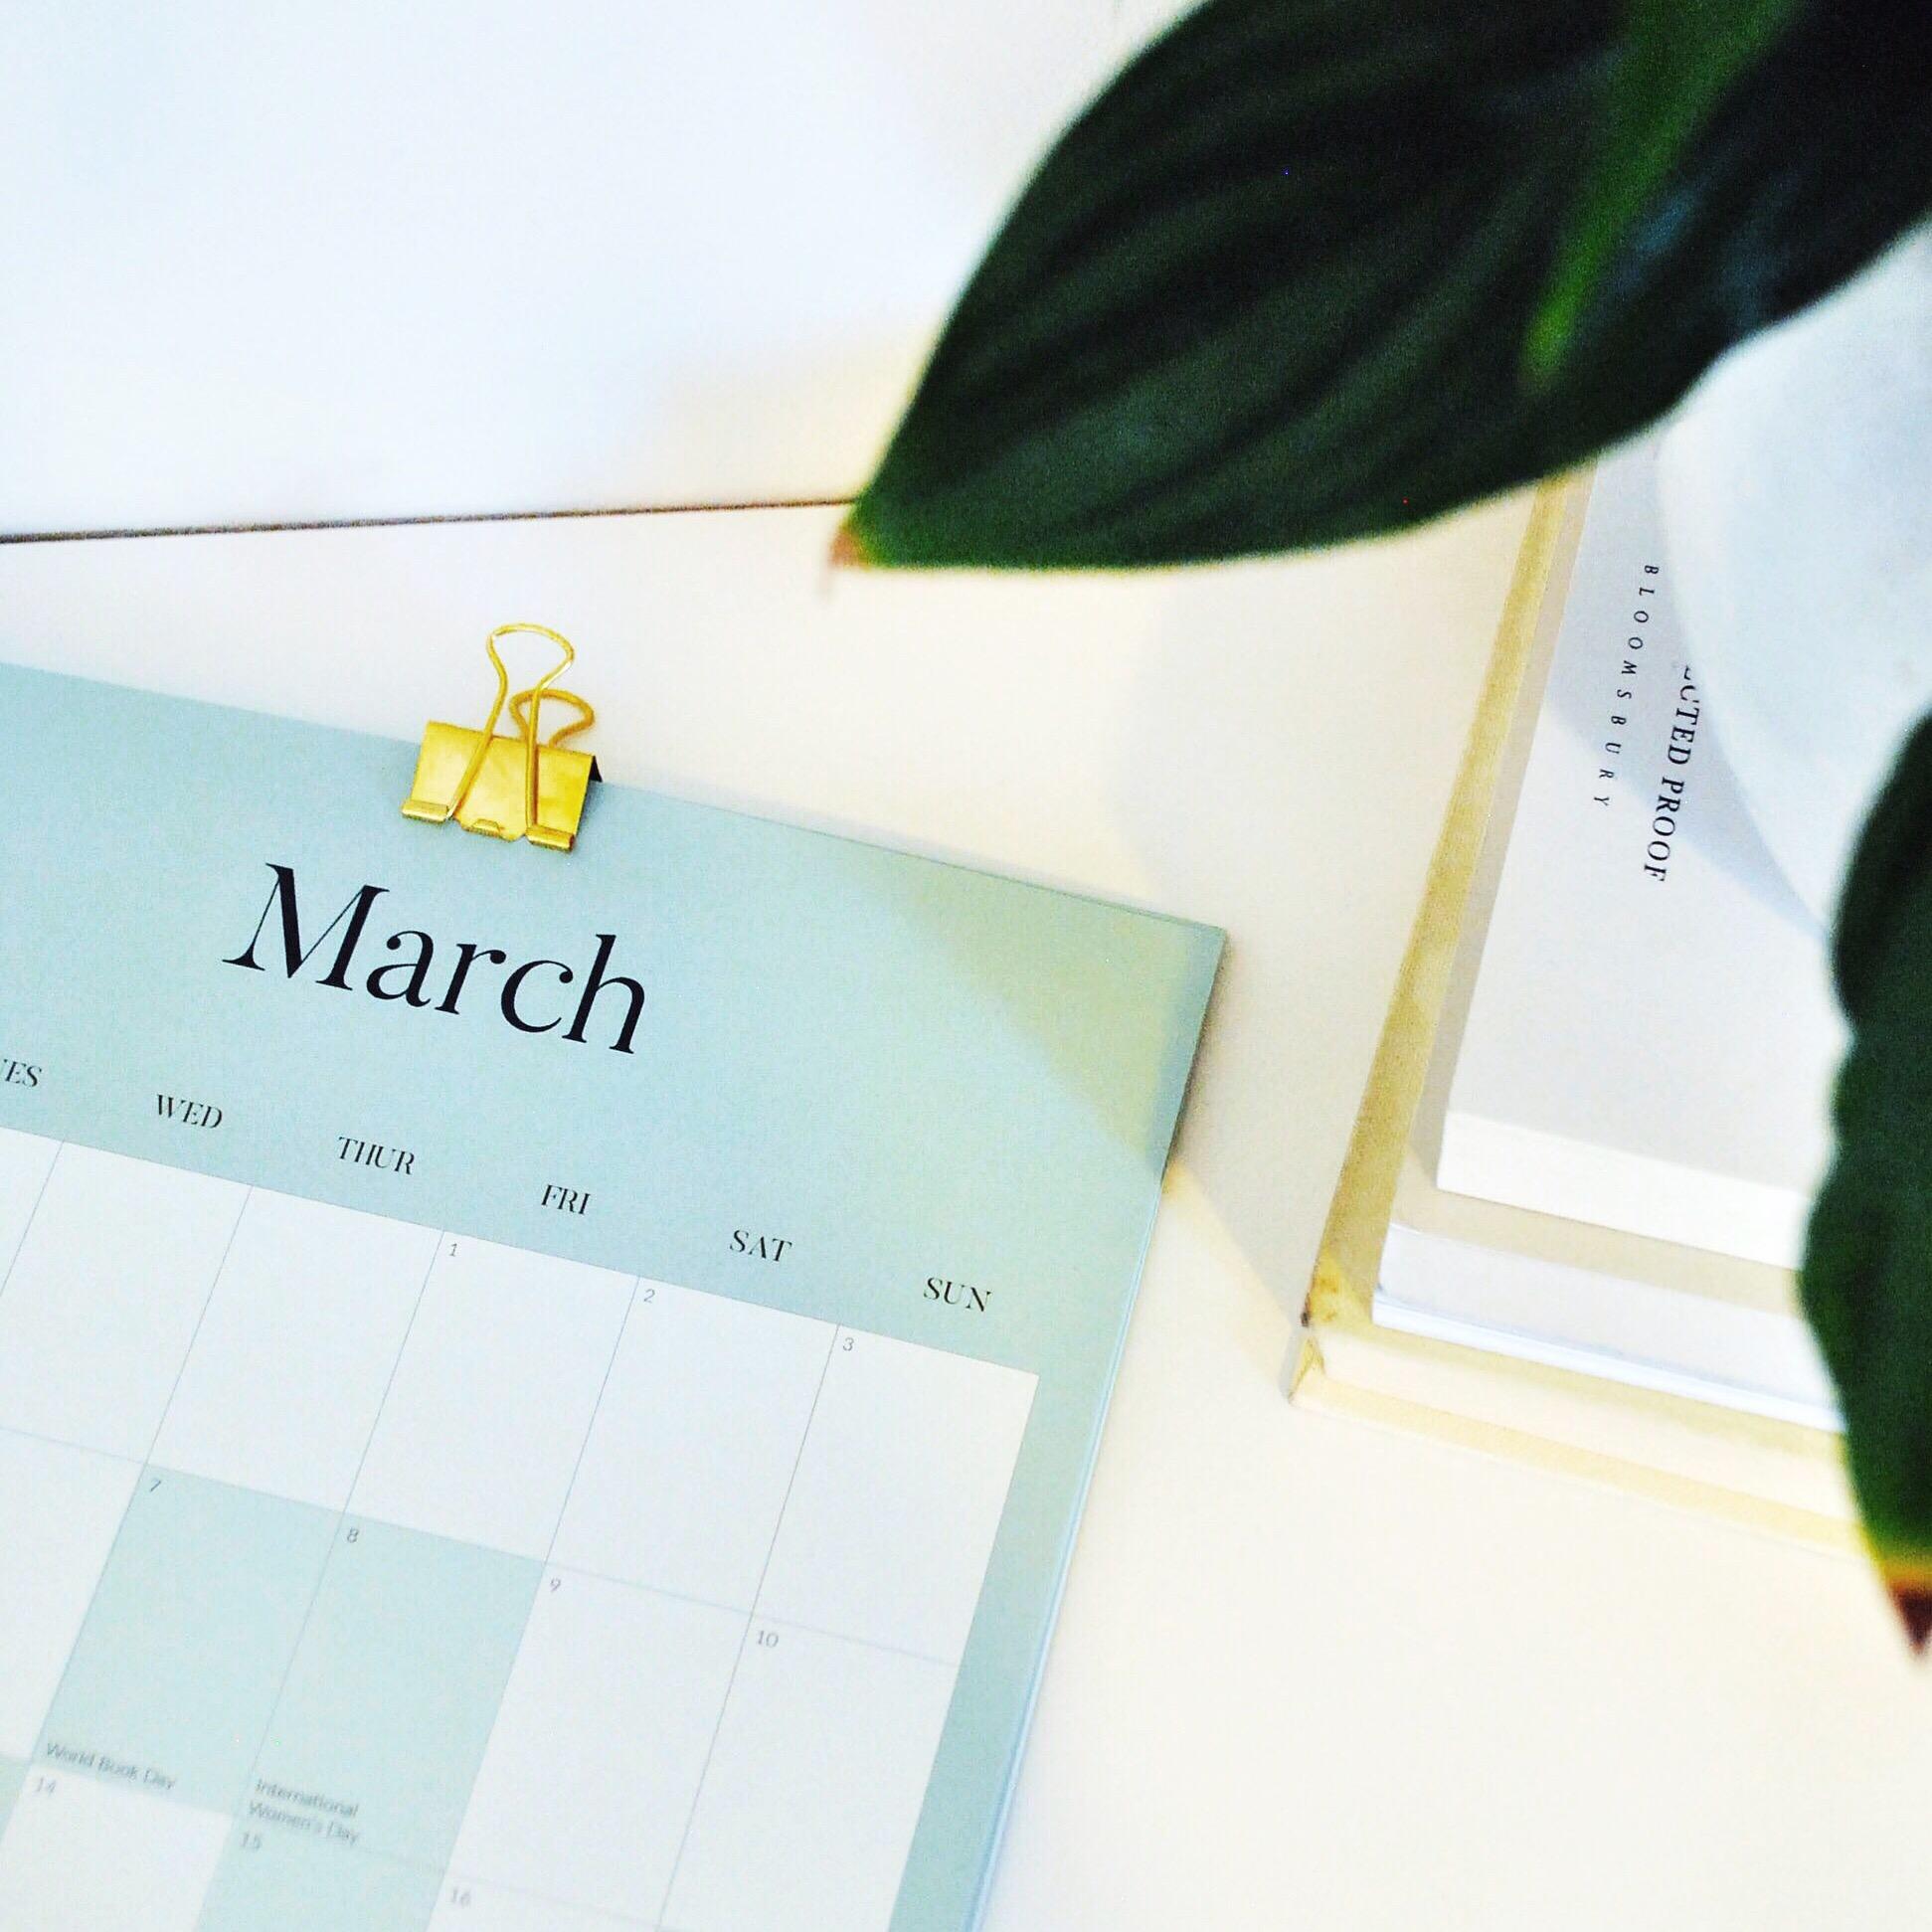 2019 Content Calendar  £̶1̶3̶.̶0̶0̶   £9.00